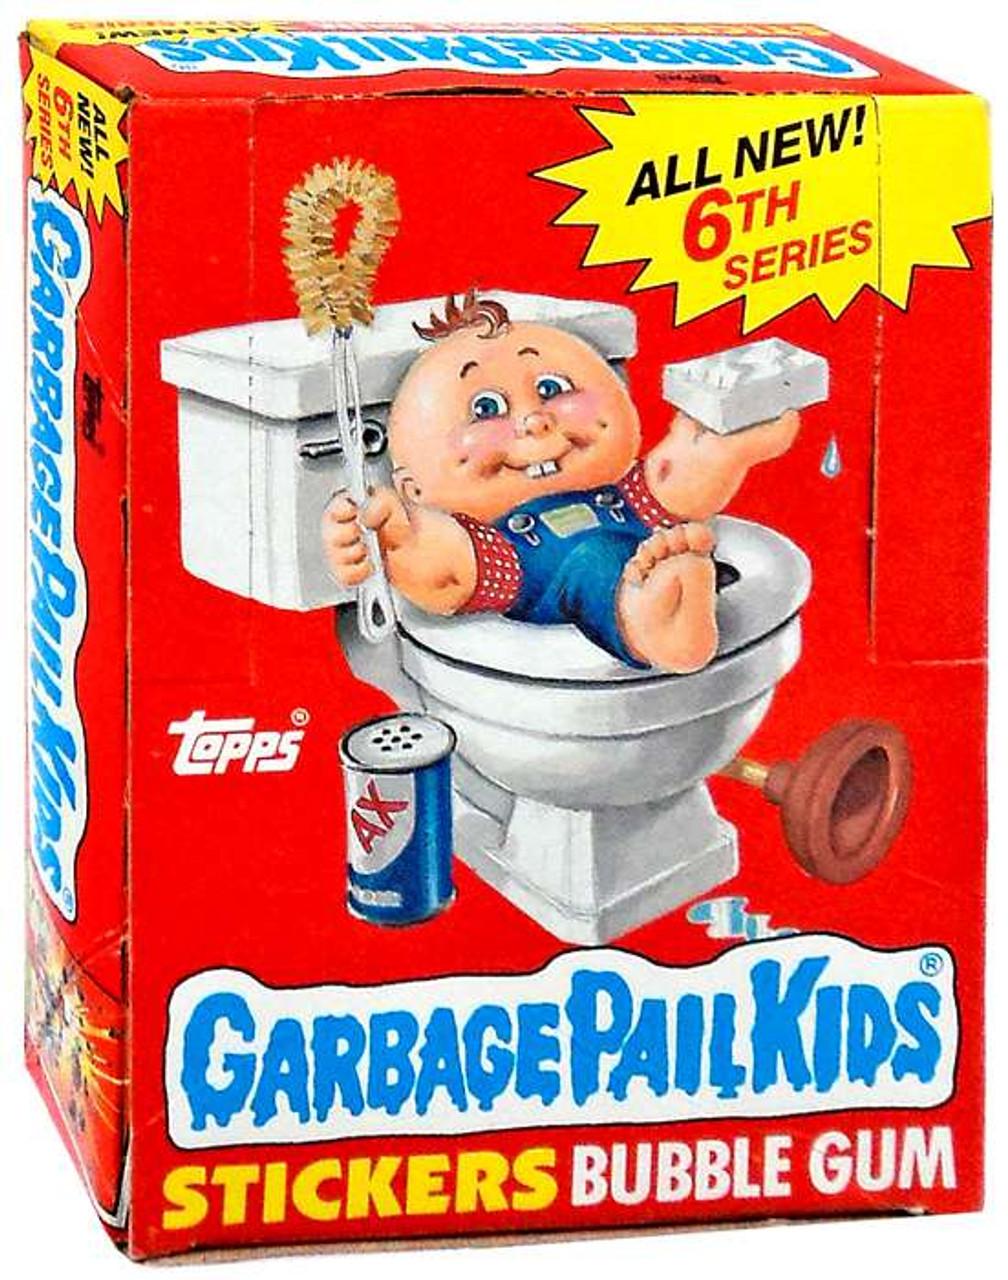 Garbage Pail Kids Series 6 Trading Card Sticker Box